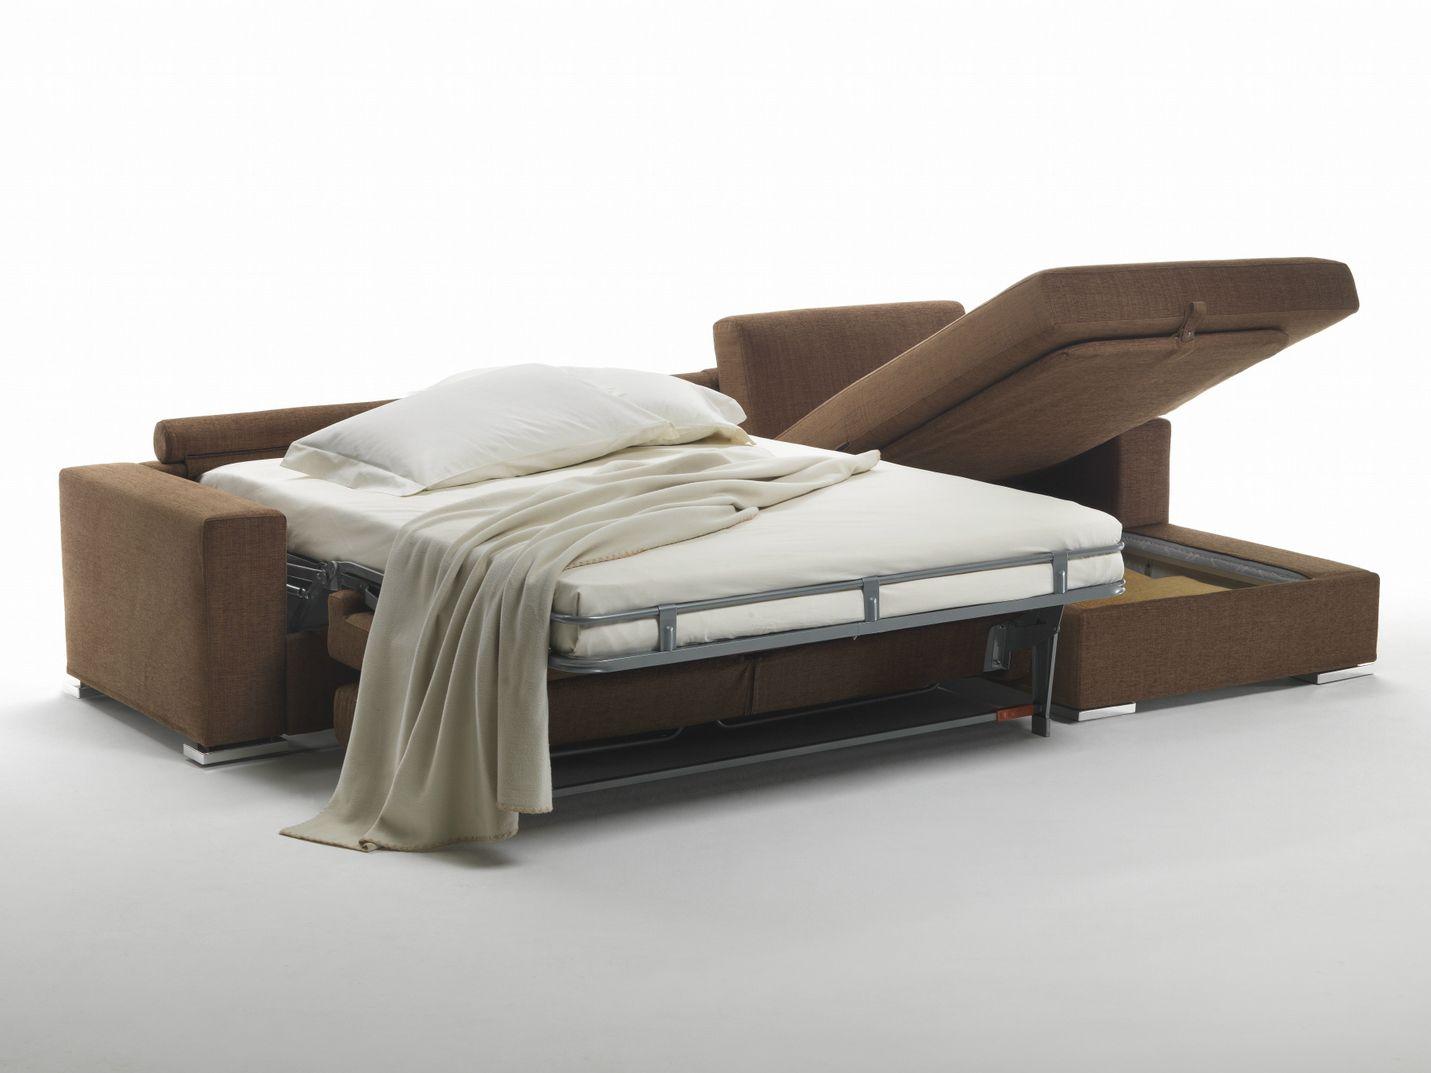 Plus divano letto in tessuto by giulio marelli italia design r d studio emme - Divano letto b b italia ...